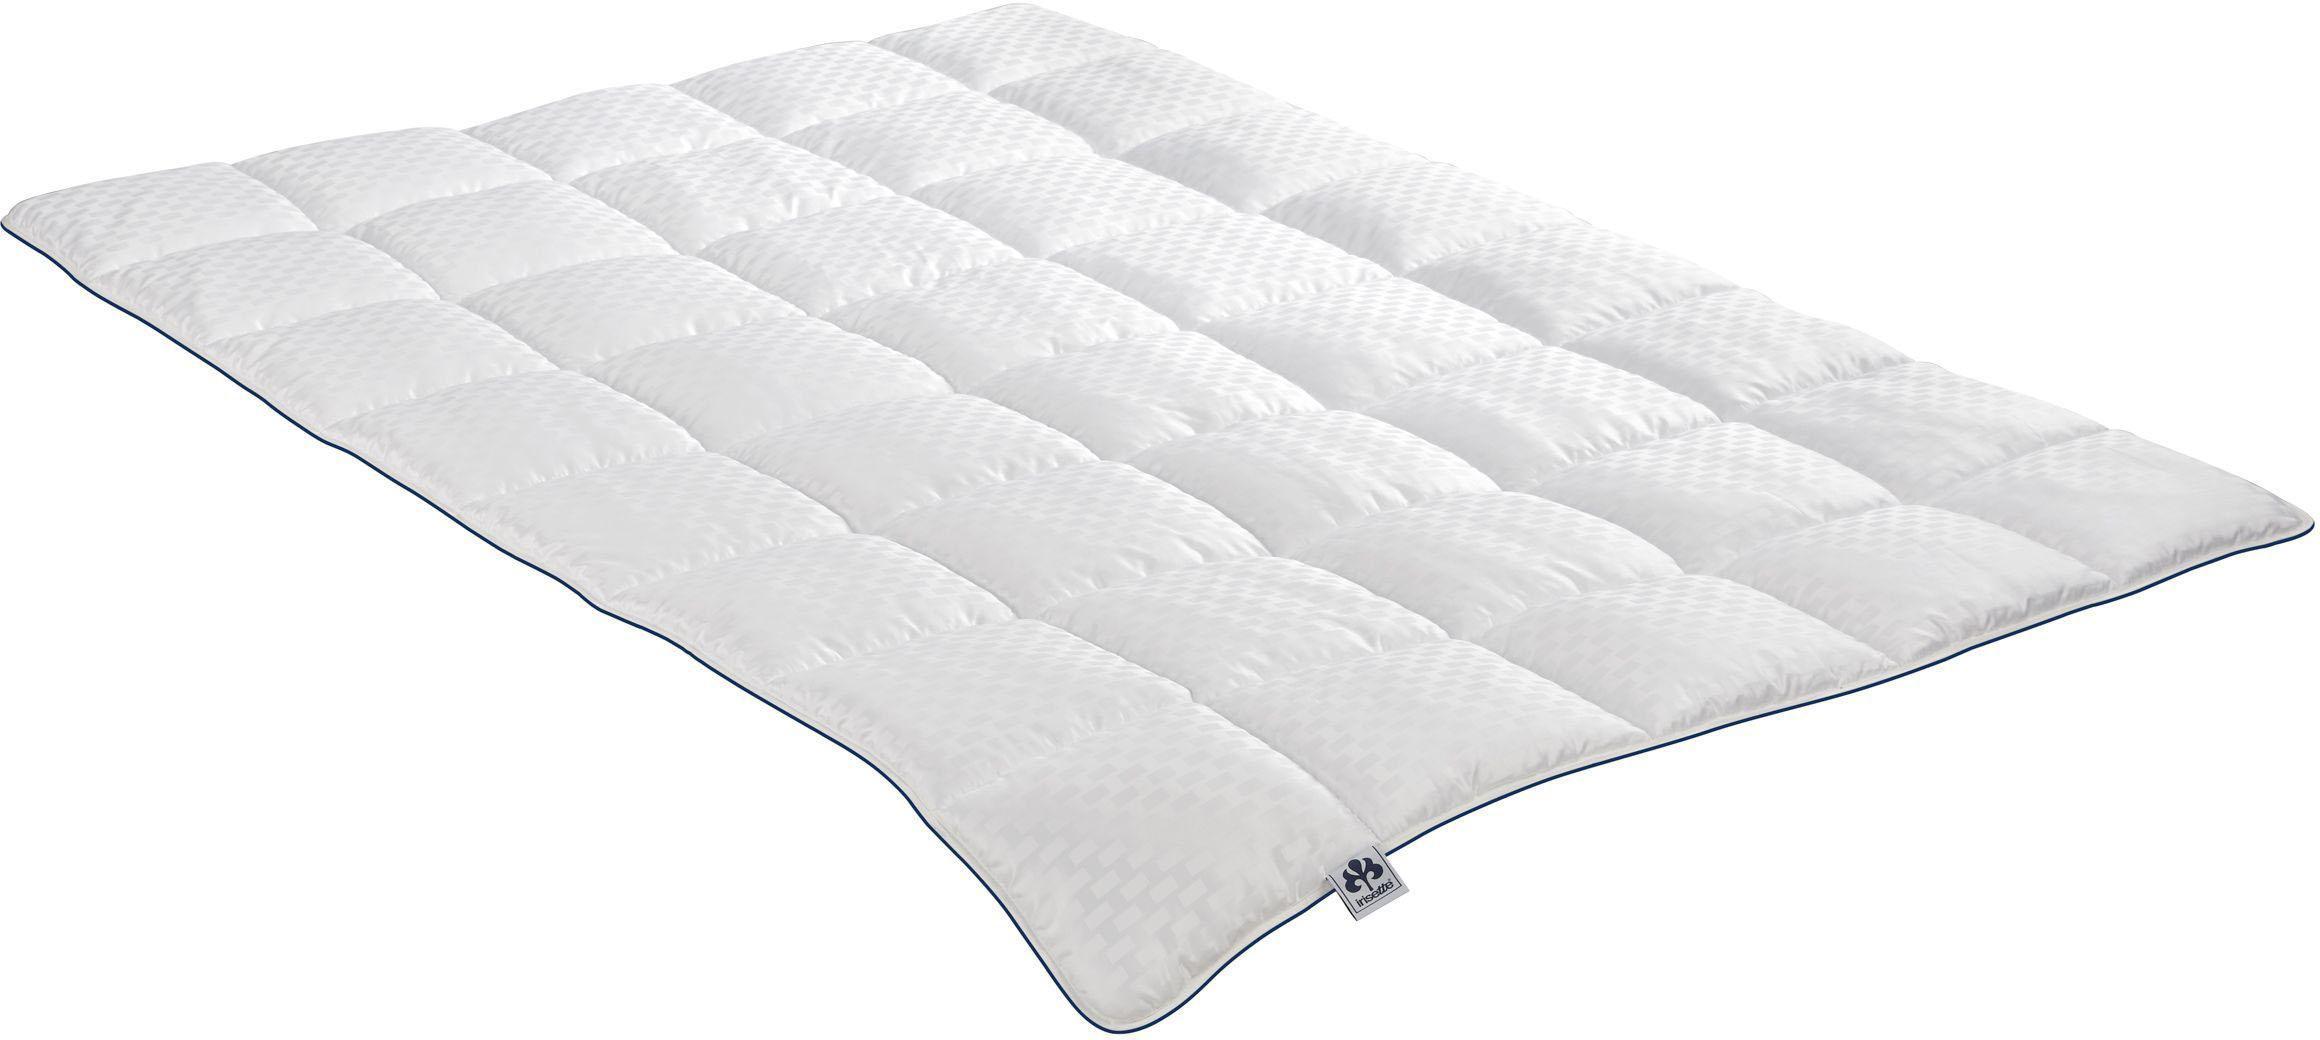 Microfaserbettdecke Leni Irisette leicht | Heimtextilien > Decken und Kissen > Bettdecken | Microfaser | Irisette